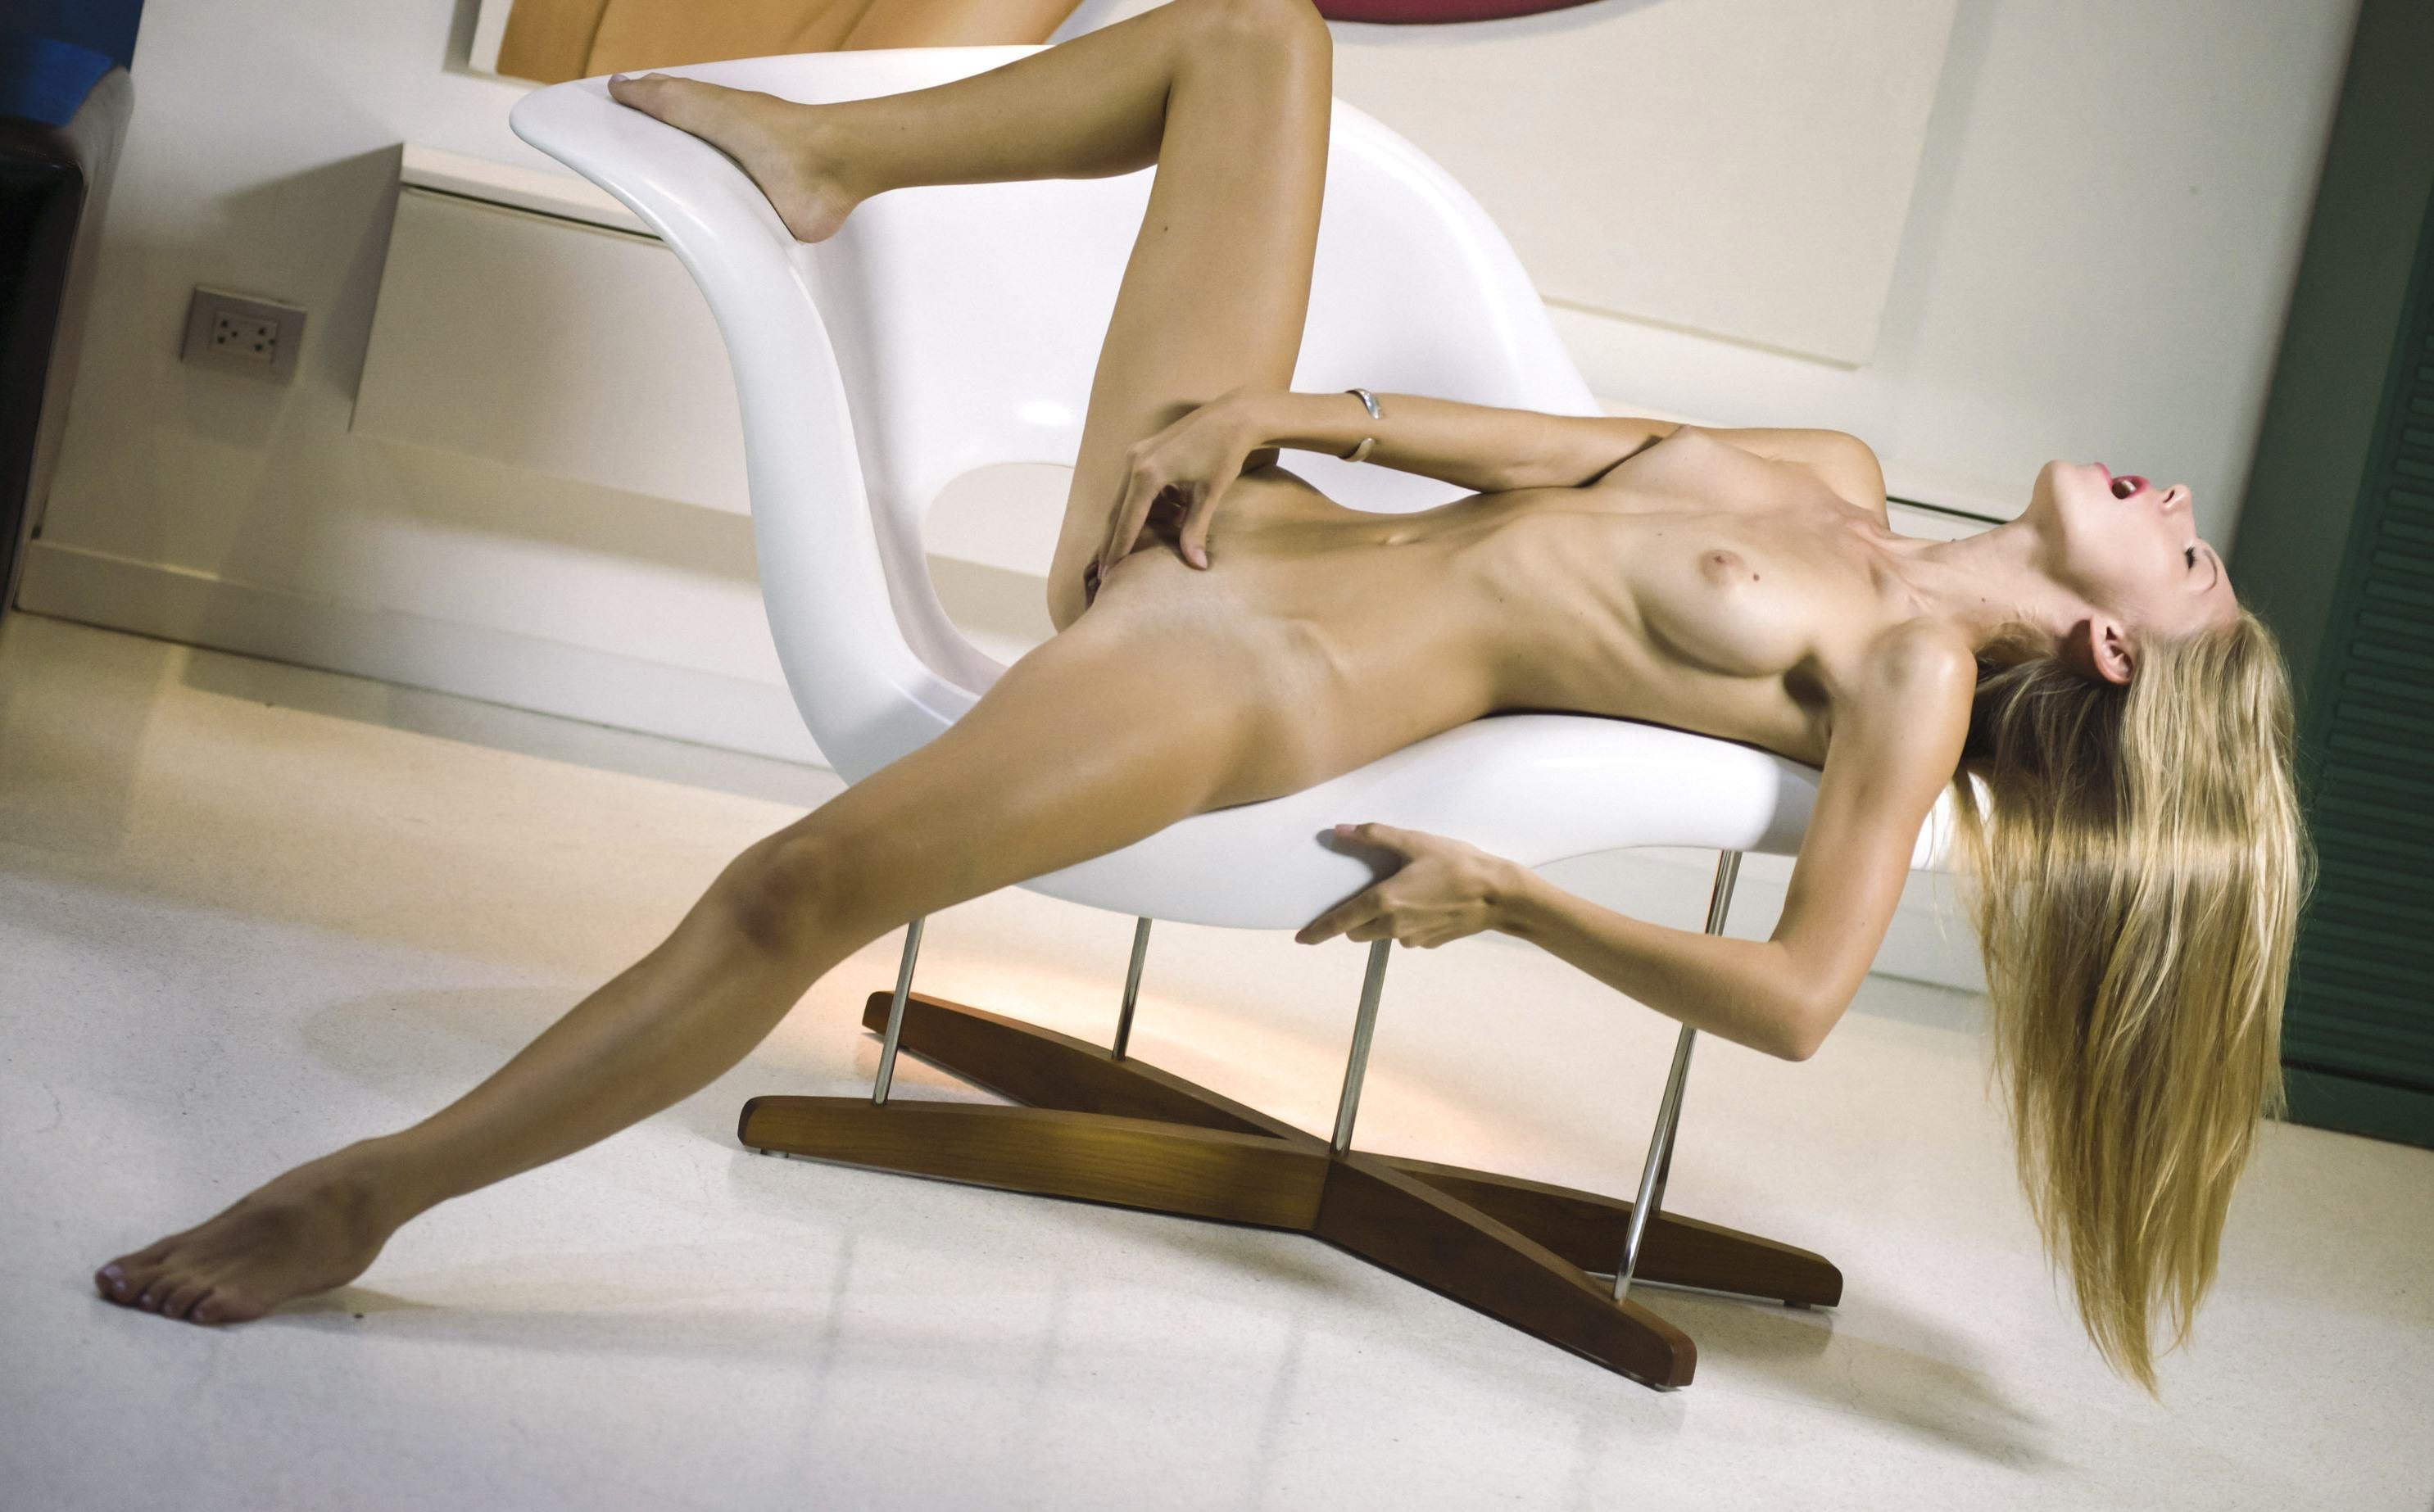 Фото Голая девушка сжимает клитор в кресле, ласкает промежность, скачать картинку бесплатно